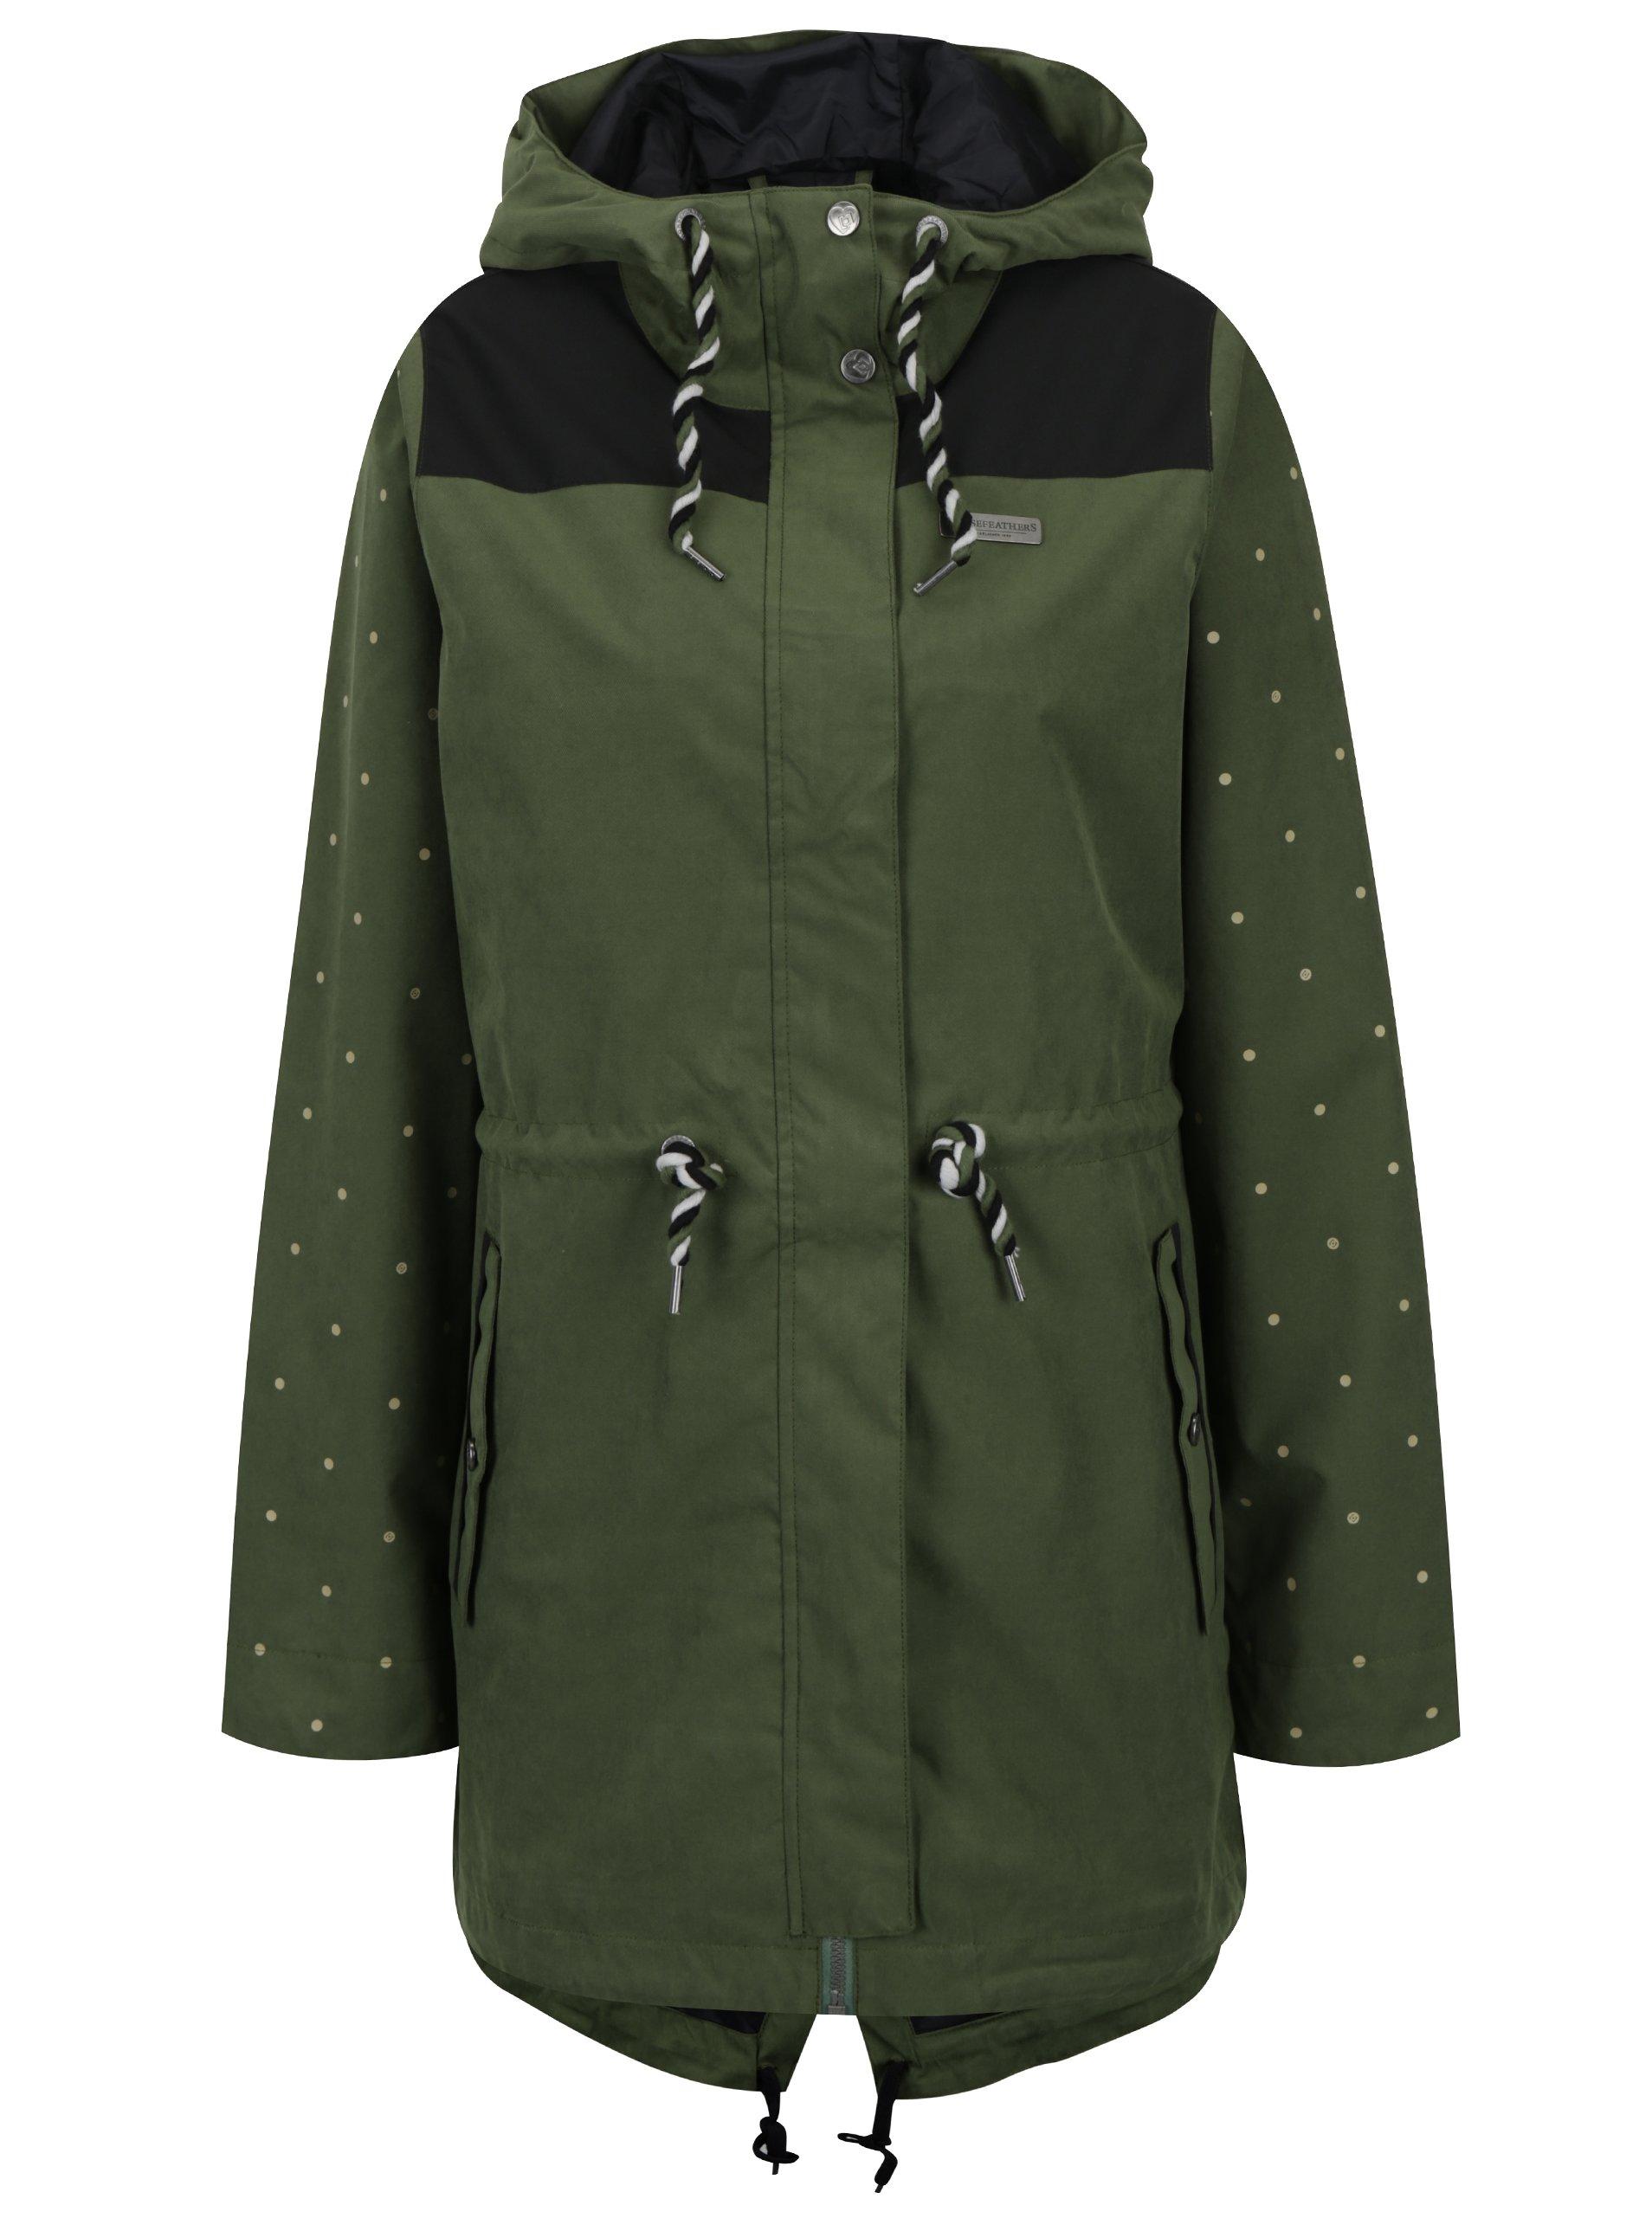 Černo-zelená nepromokavá dámská bunda s kapucí Horsefeathers Birch